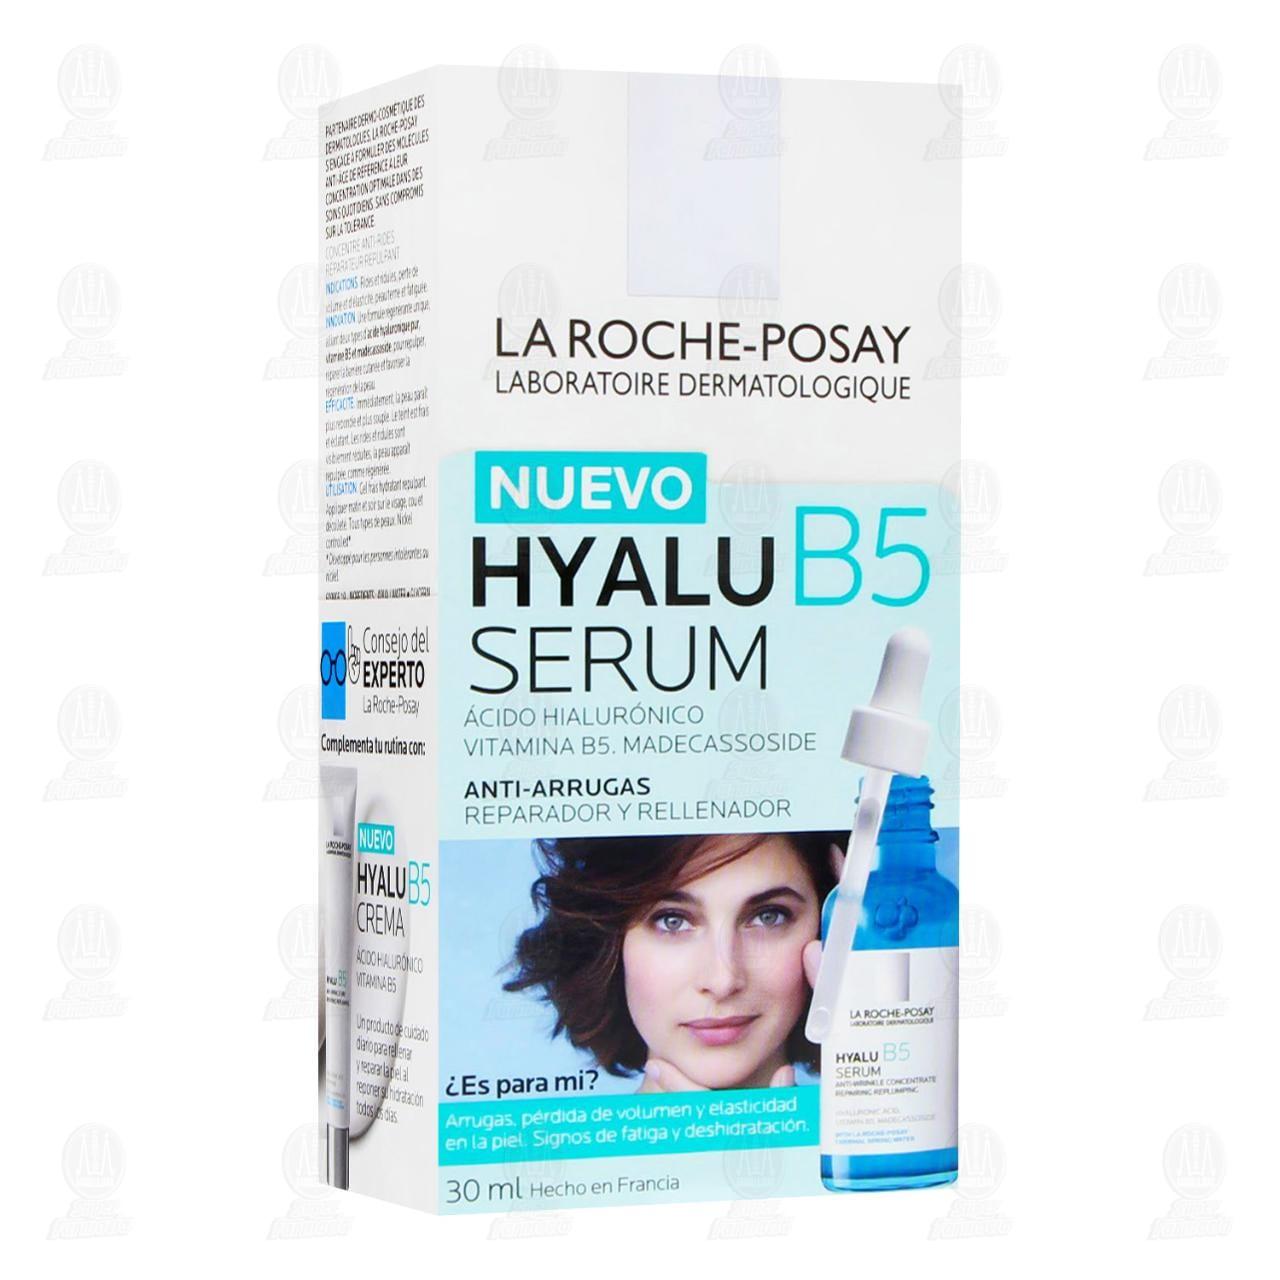 Comprar La Roche Posay Hyalu B5 Serum Antiarrugas Reparador y Rellenador, 30 ml. en Farmacias Guadalajara